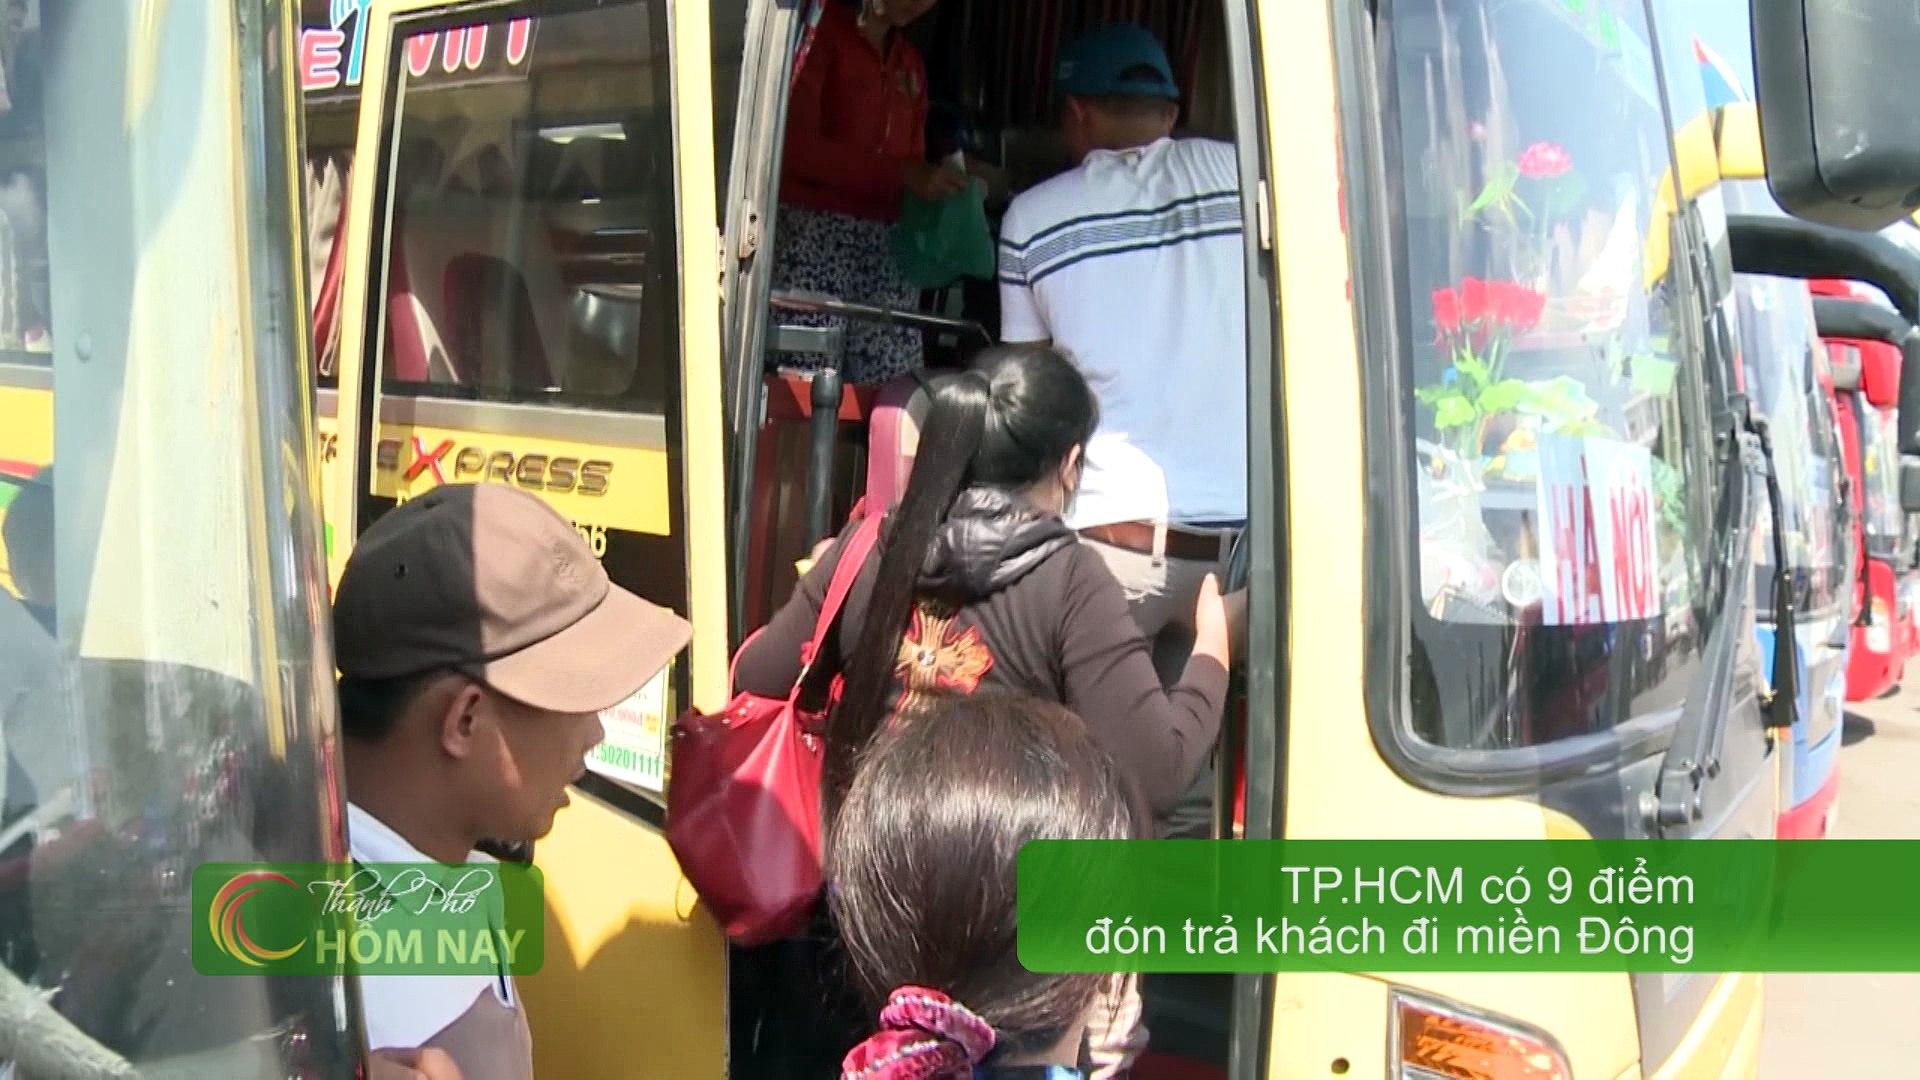 Phát động thi sáng tác về biên giới, biển đảo - Thành Phố Hôm Nay [HTV9 – 05.08.2016]